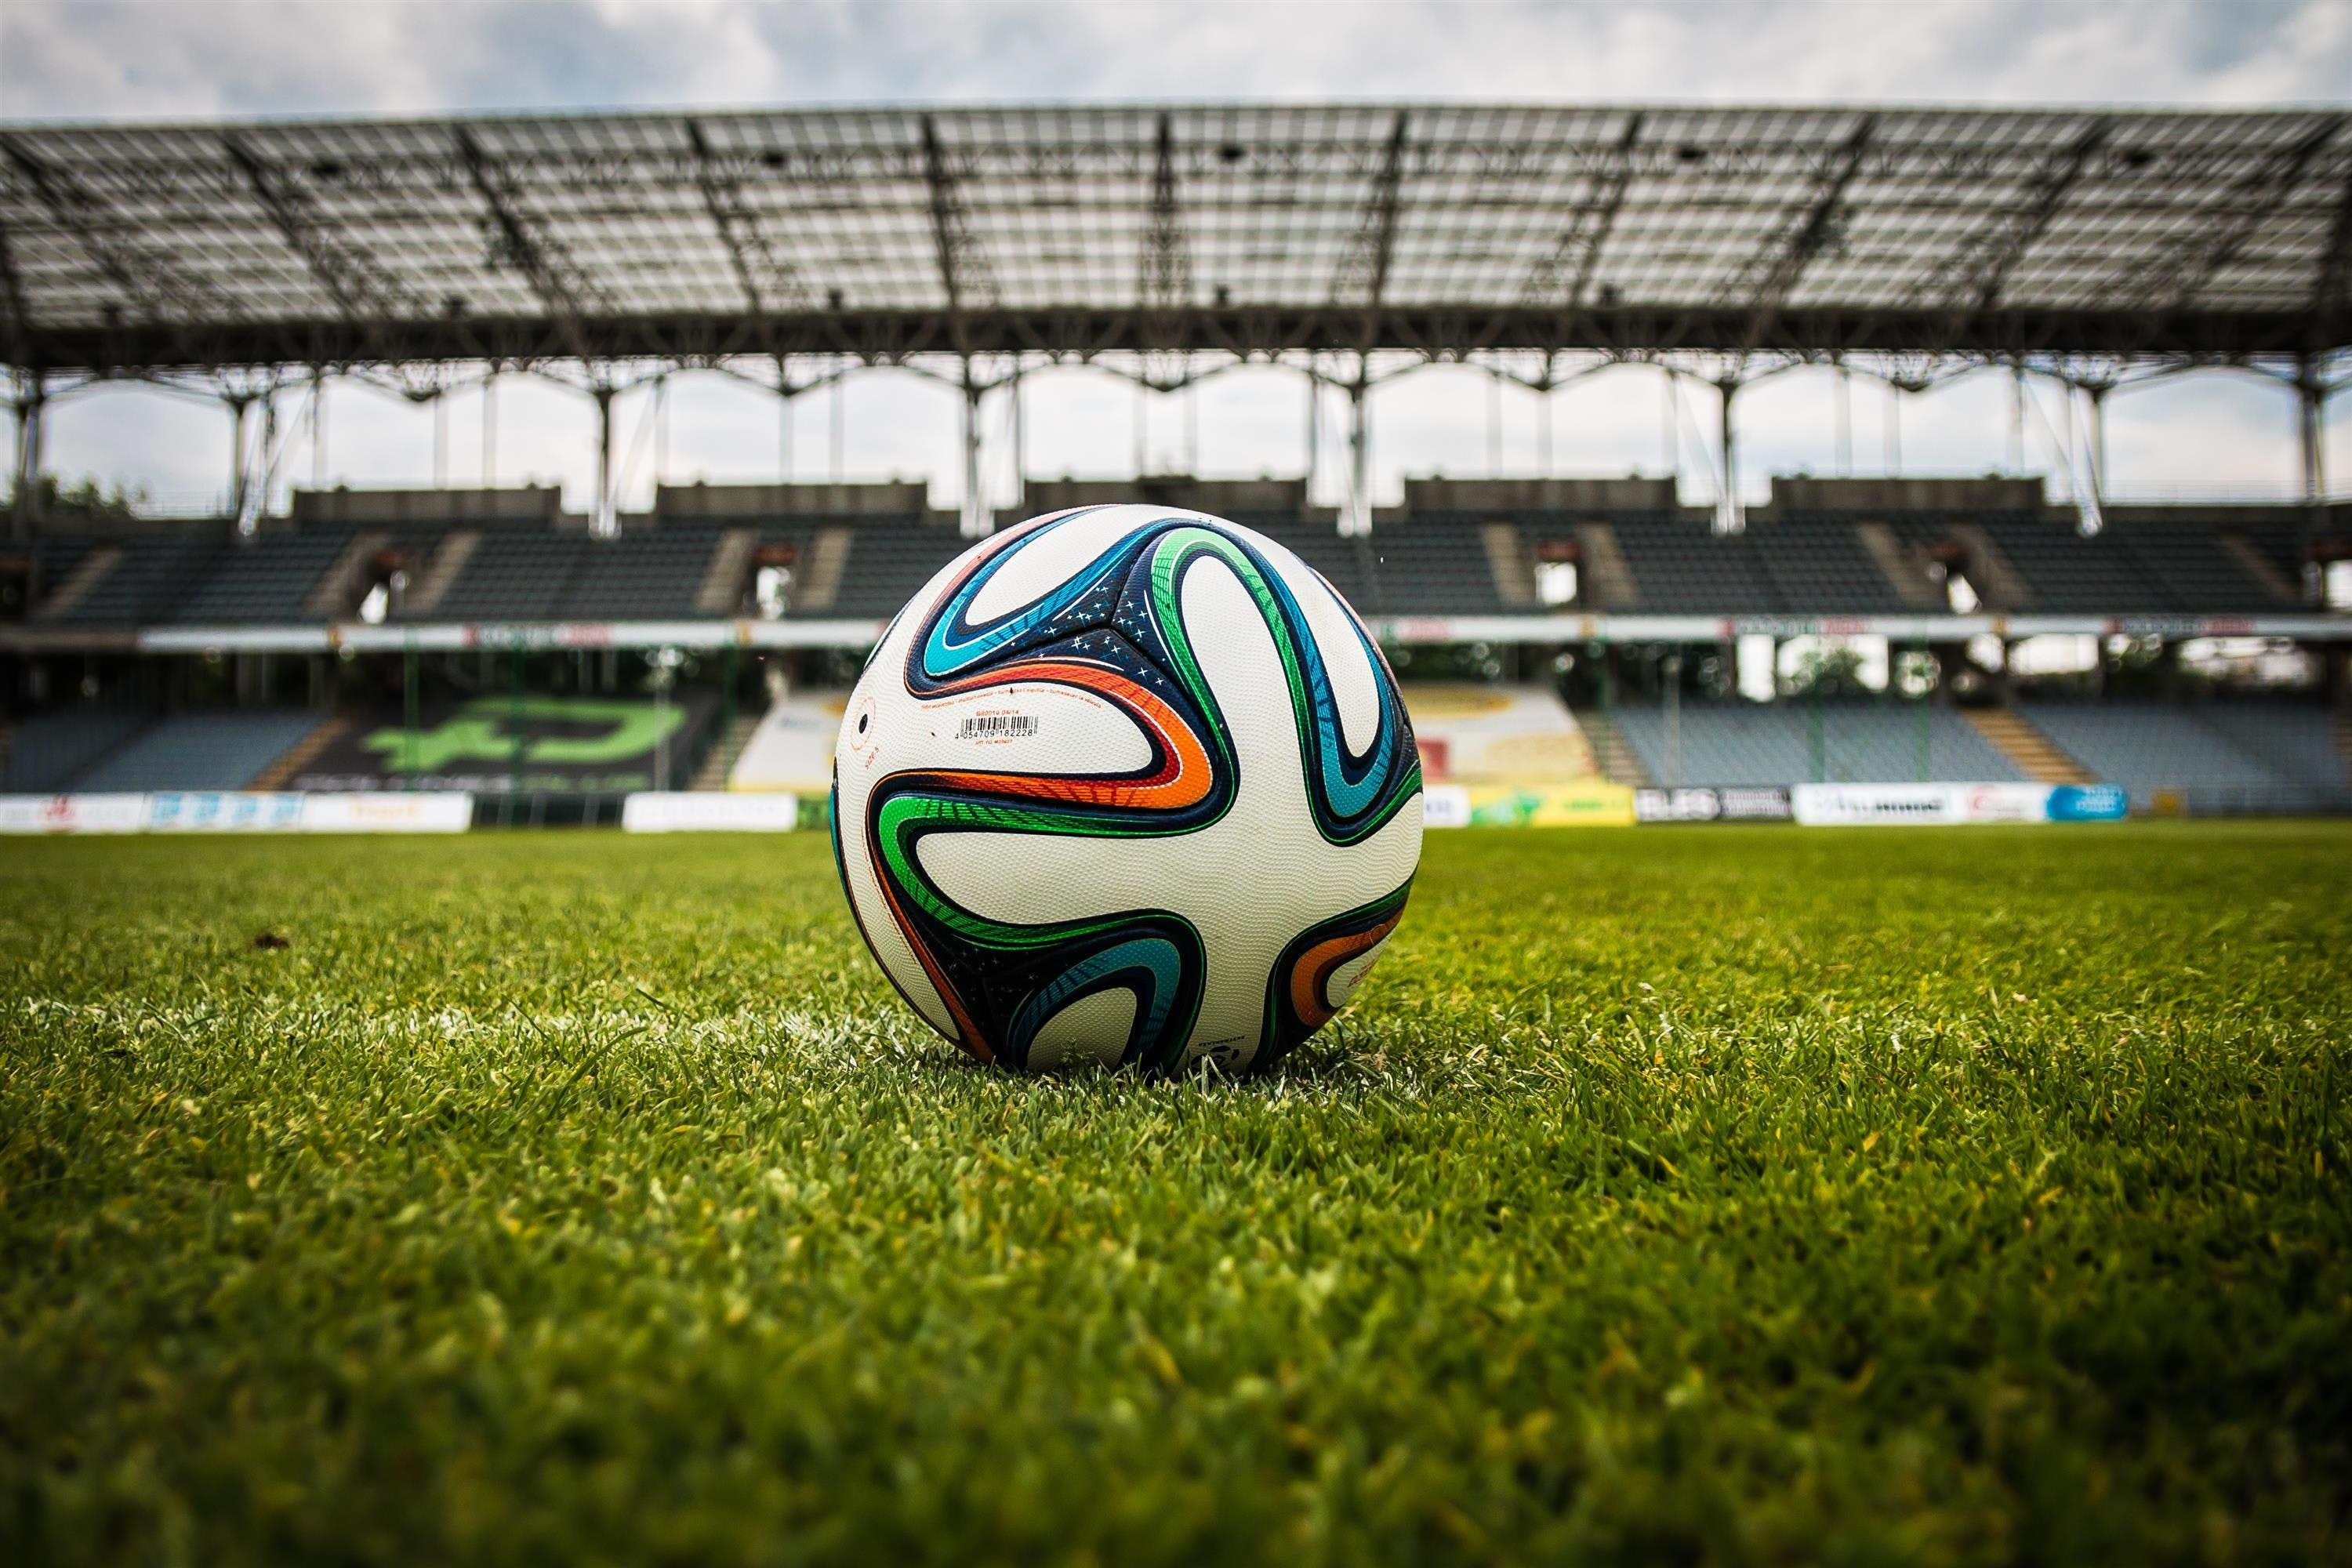 Bola de futebol multicolorida em campo de futebol.